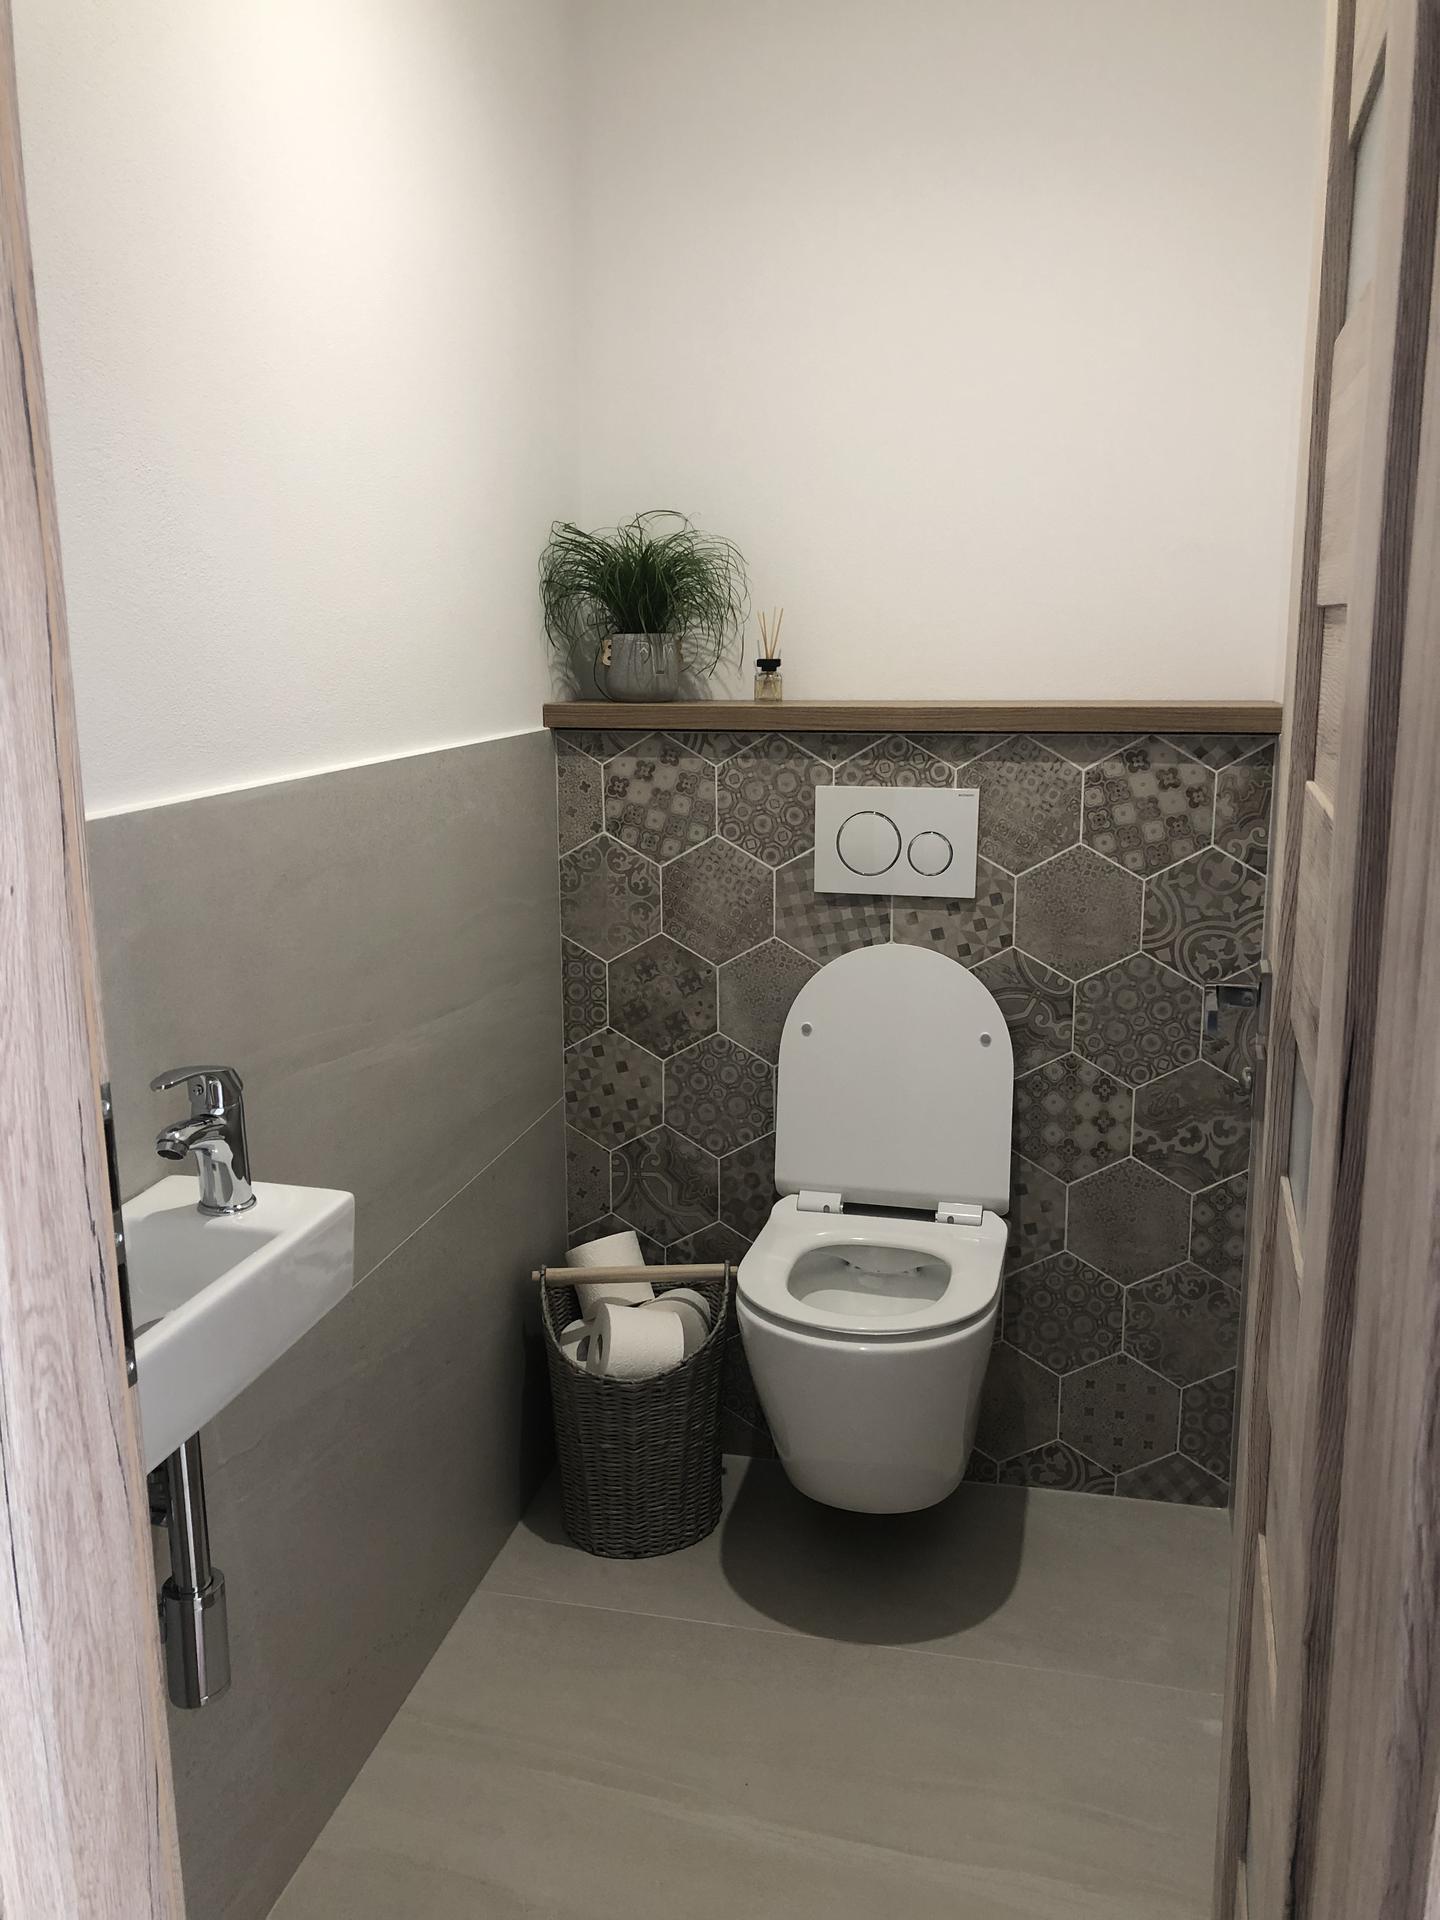 Keď sa sny začnú plniť ... 🏡 - Ešte zrkadlo, vesiak na uteráky, držiak na toaletné papiere …